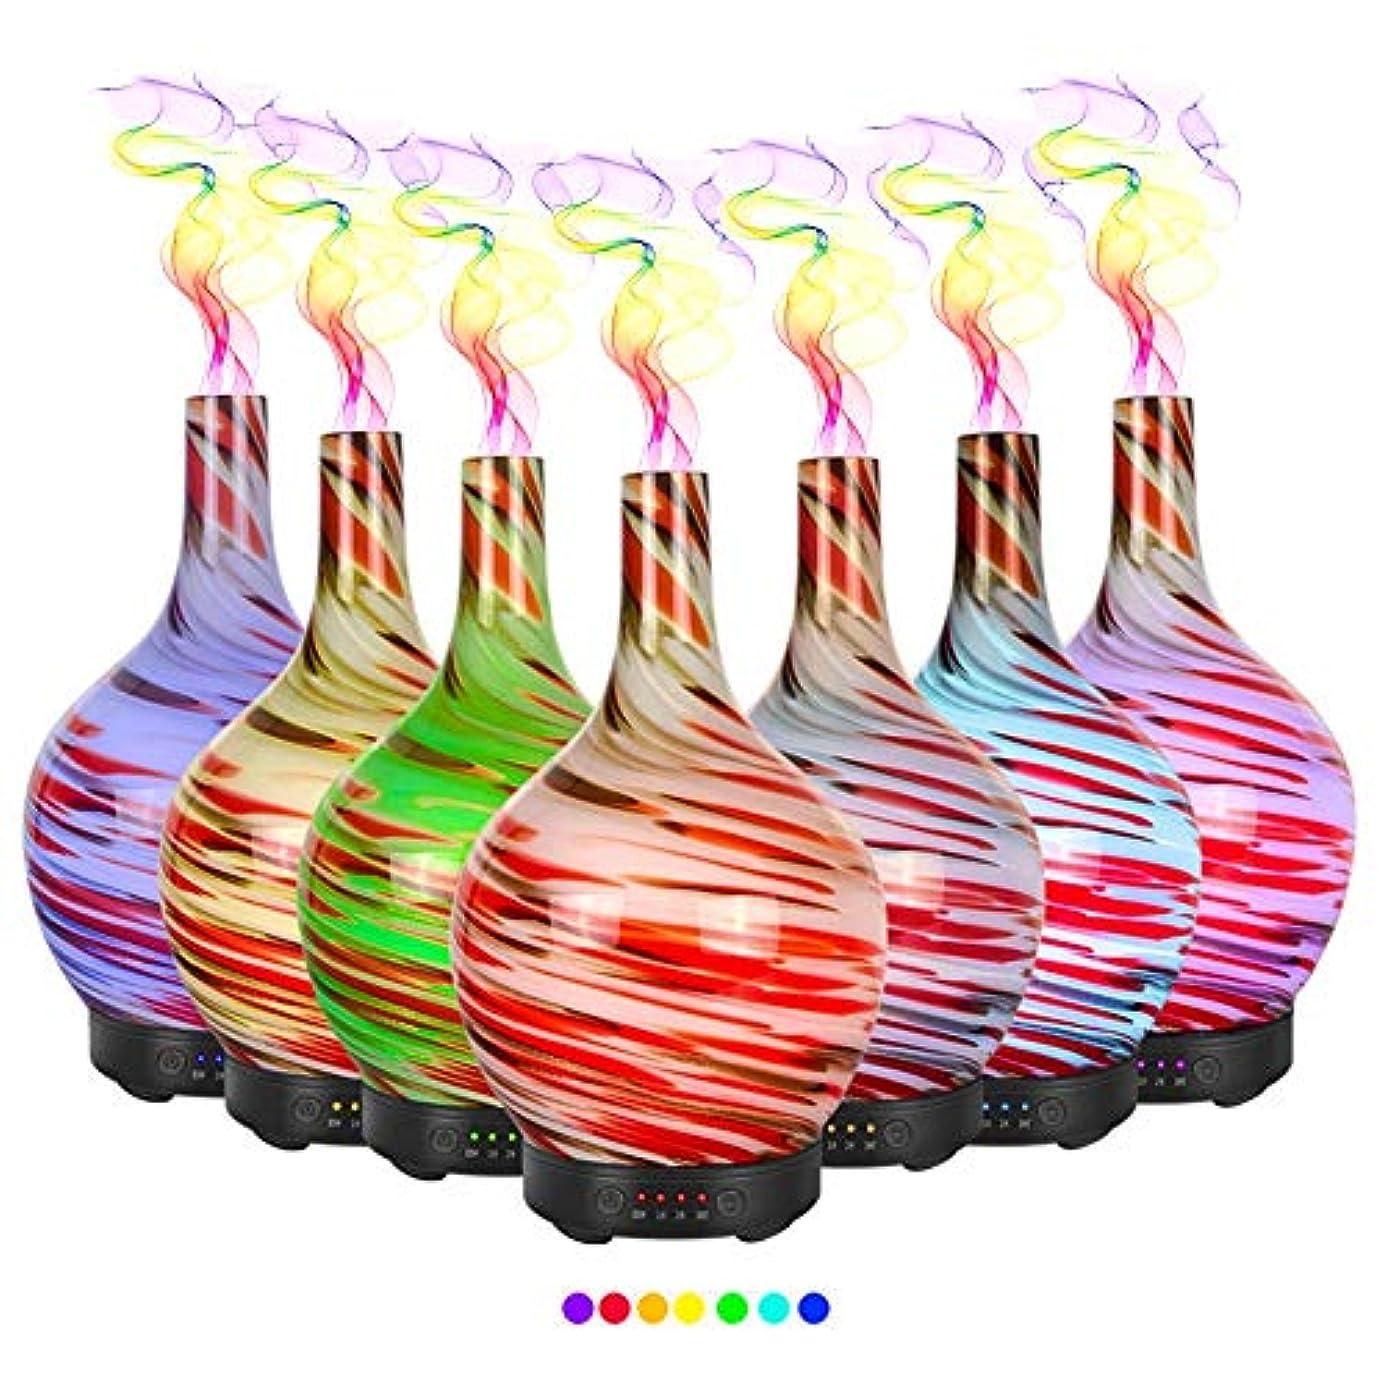 文献ウガンダこねるエッセンシャルオイル用ディフューザー (100ml)-3d アートガラス油絵アロマ加湿器7色の変更 LED ライト & 4 タイマー設定、水なしオートシャットオフ